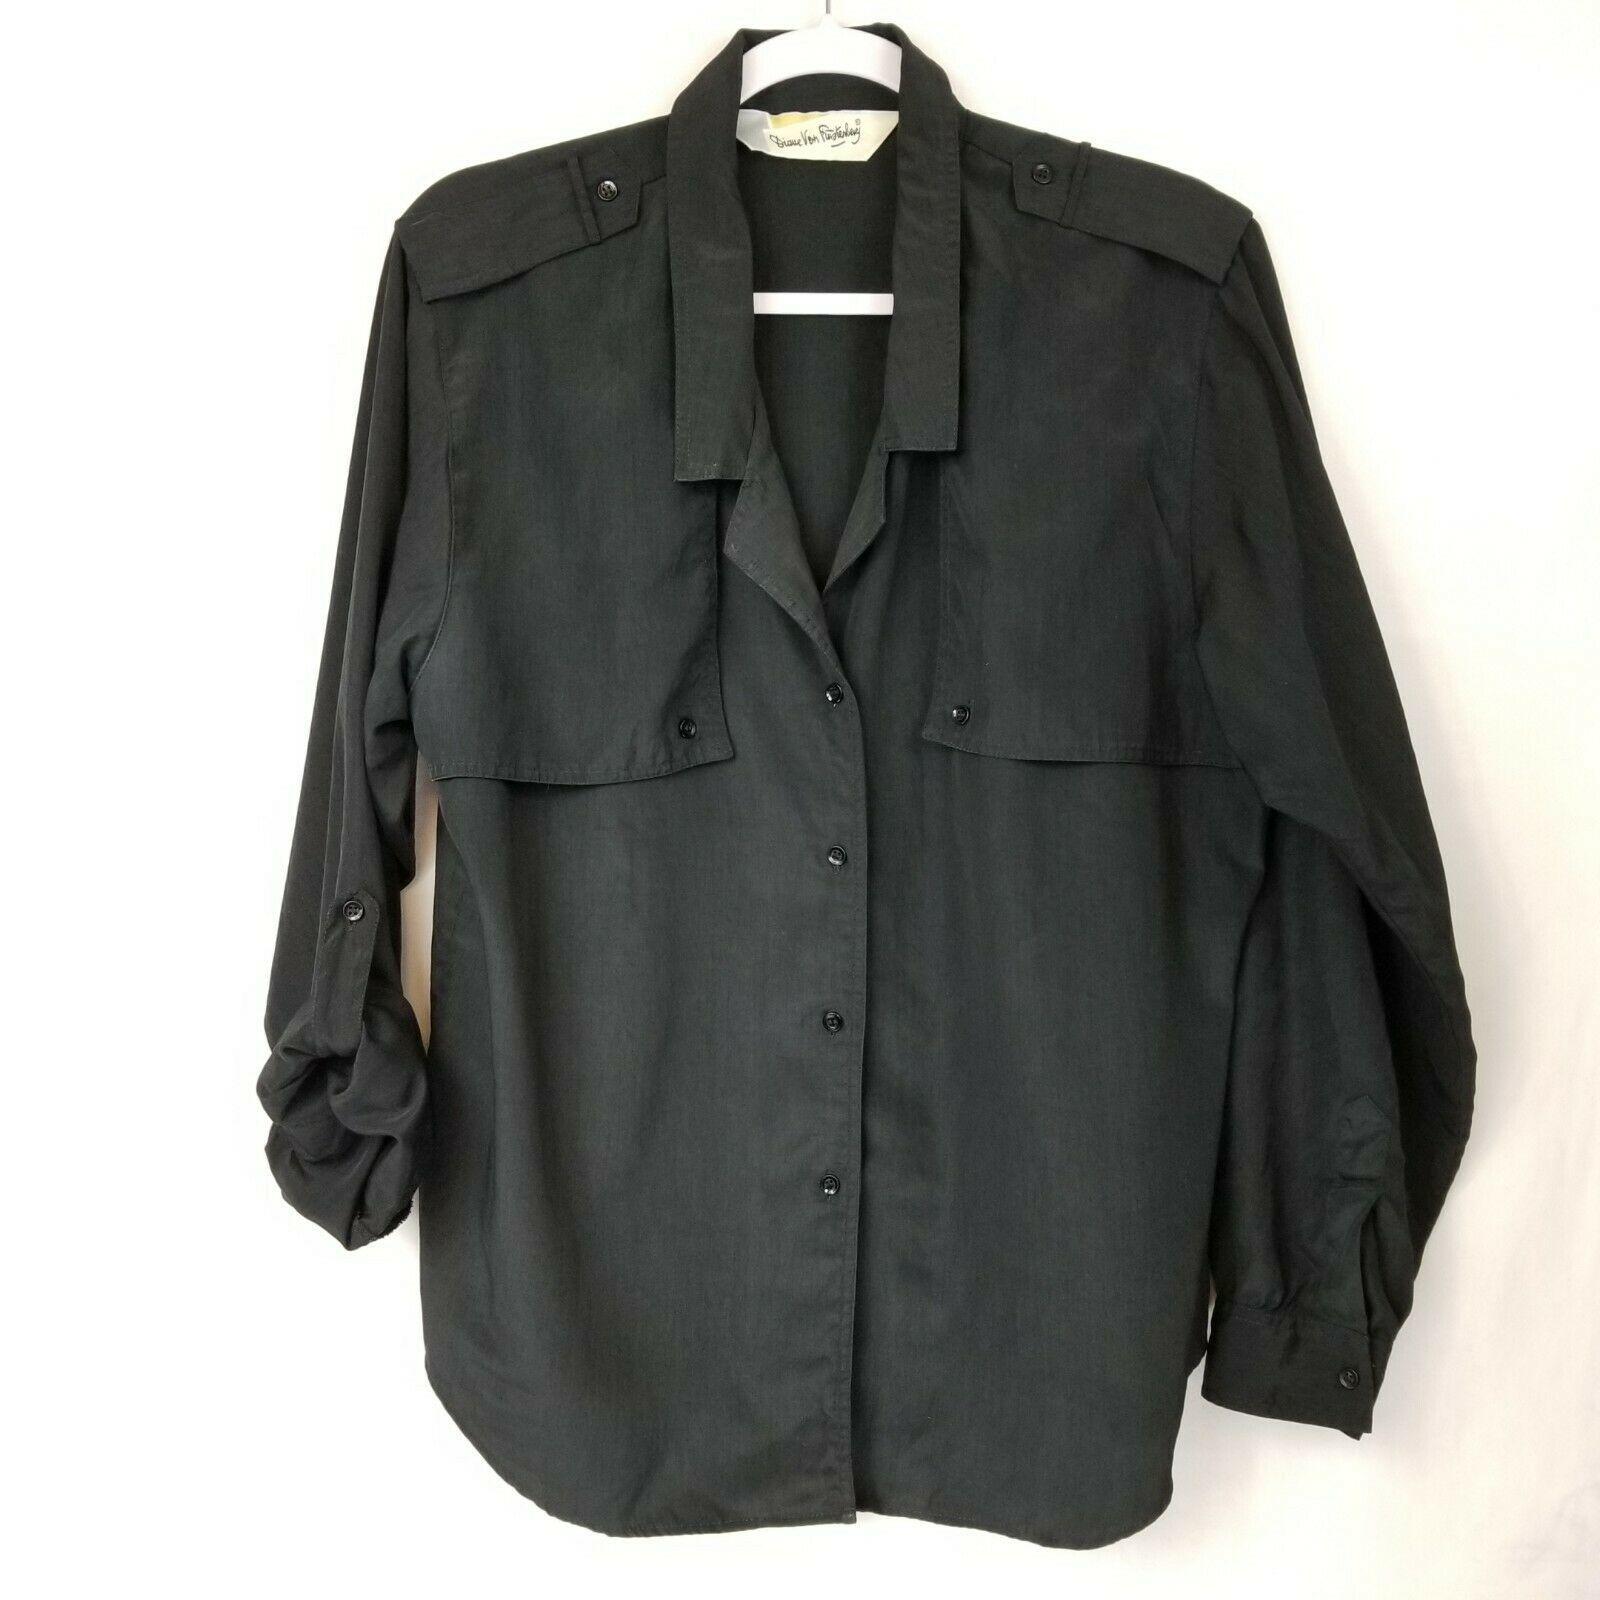 Vtg Diane von Furstenberg DVF Woman's Top Blouse Shirt Button Front Black Sz L image 7